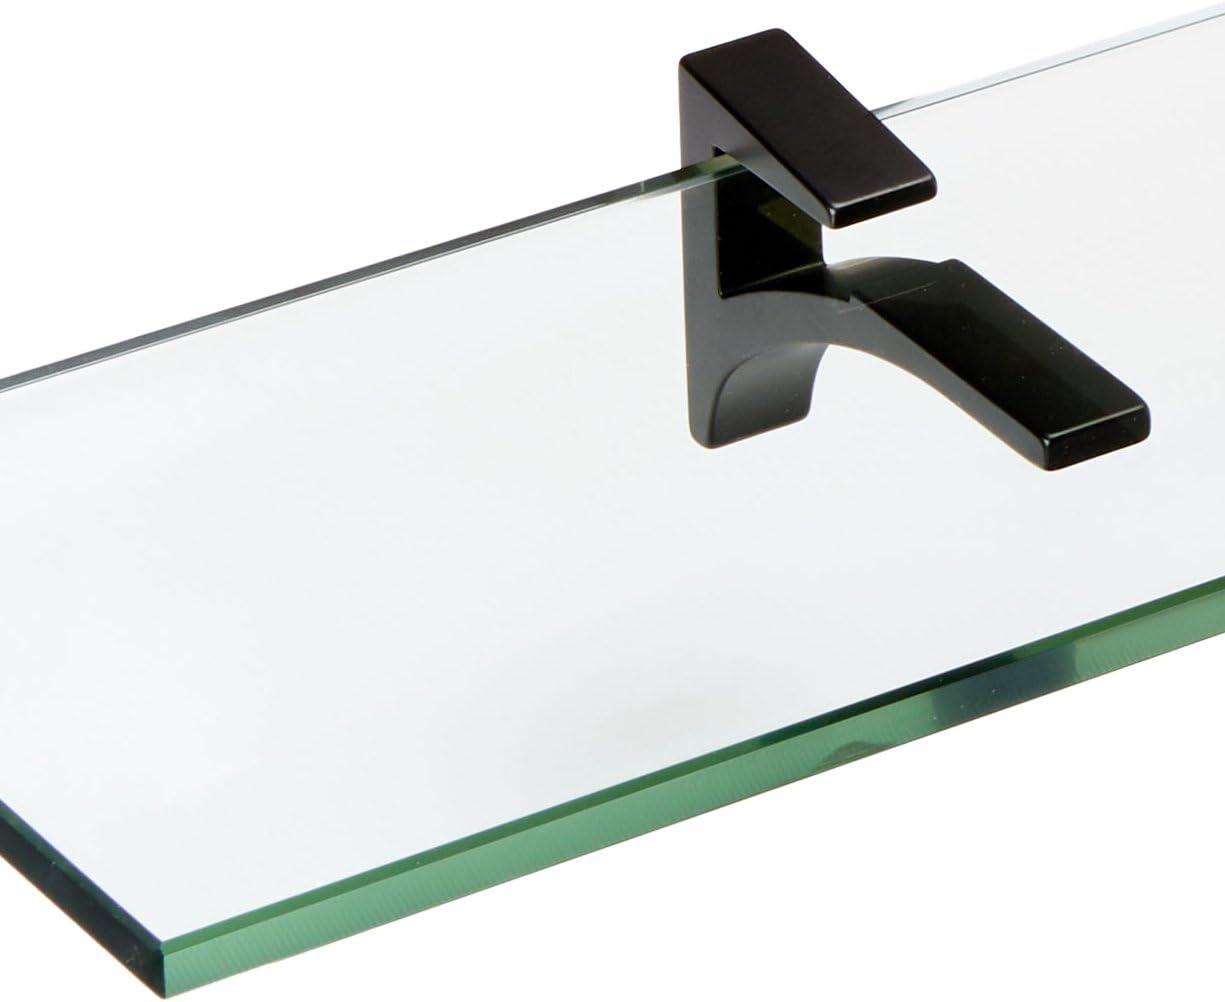 White Spancraft Glass Cardinal Glass Shelf 4.75 x 36